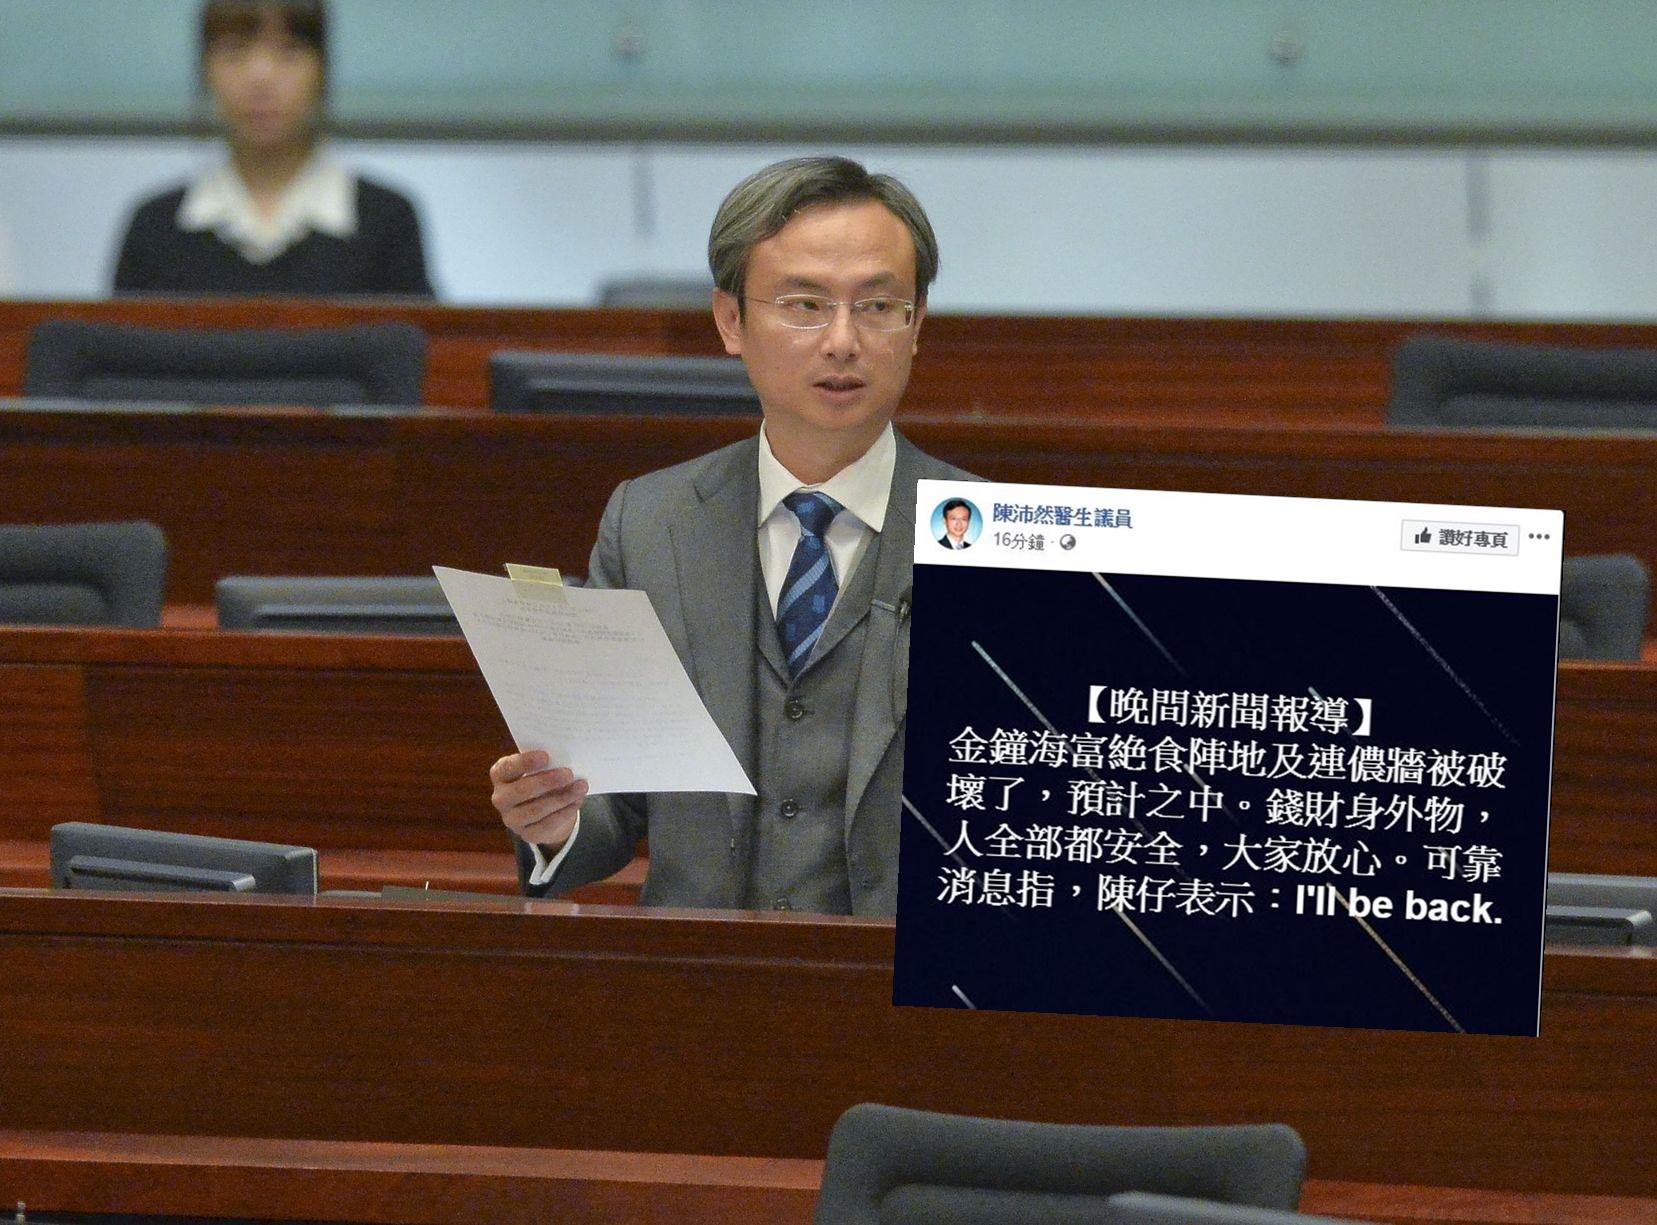 資料圖片/陳沛然FB截圖